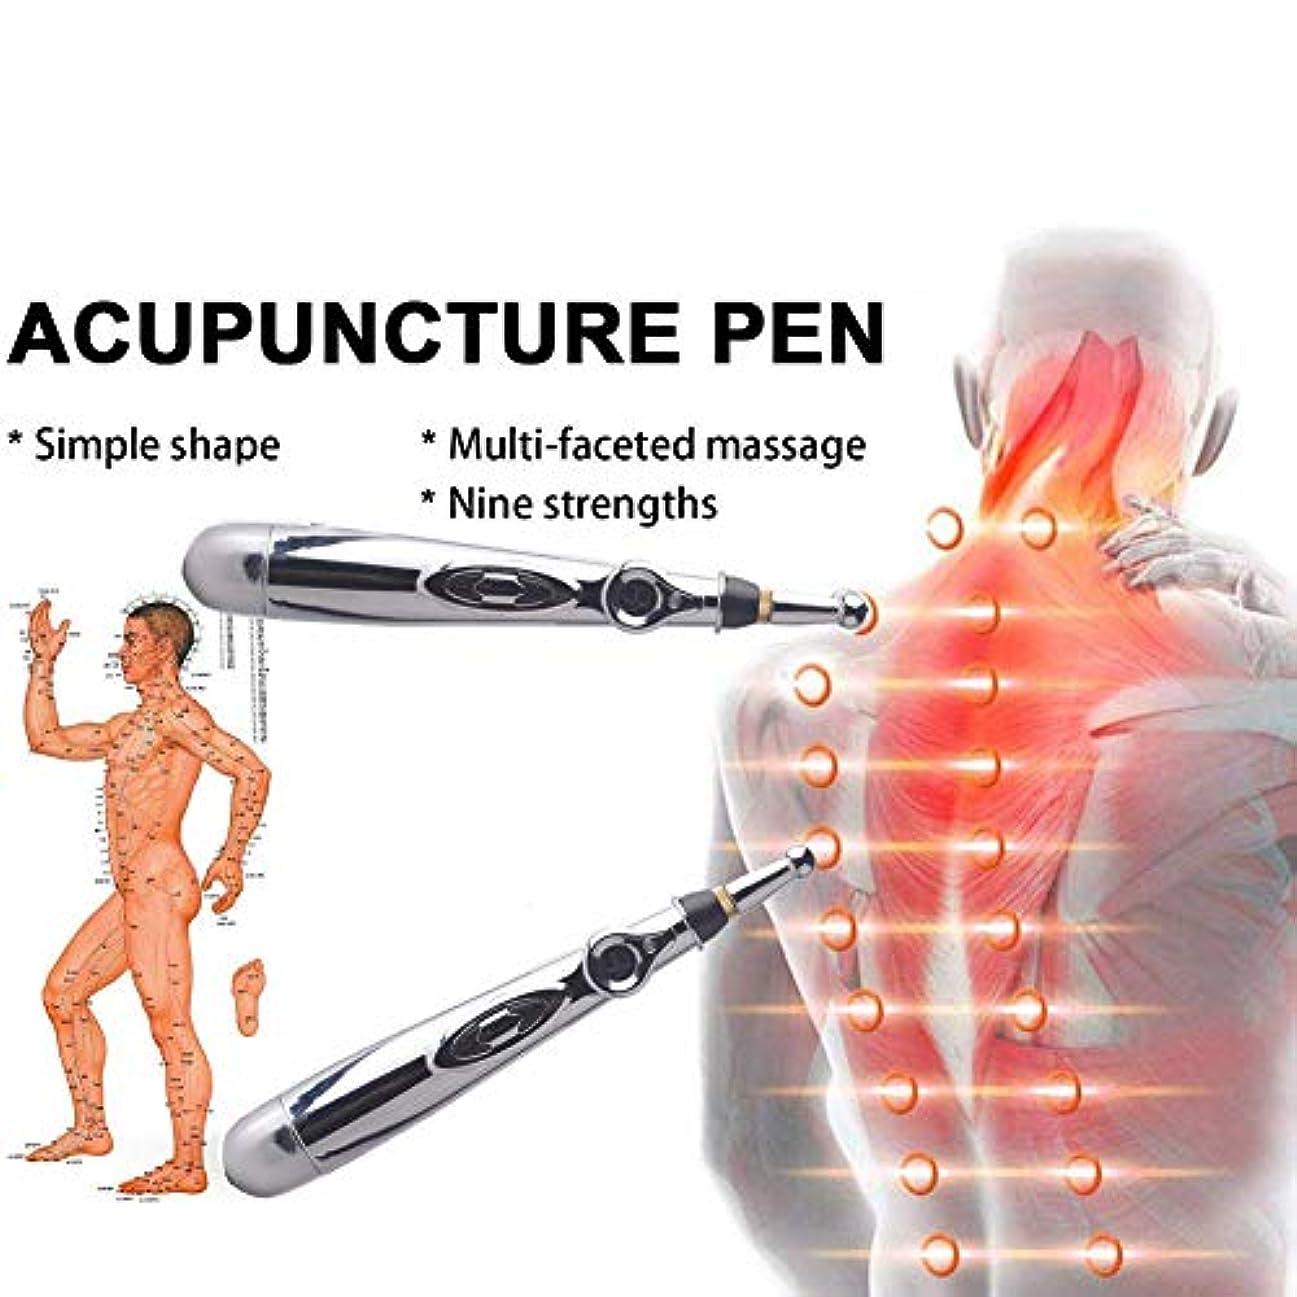 住人暗い人質鍼治療ペン、痛み緩和療法子午線エネルギーパルスマッサージペン療法楽器子午線エネルギーペンマッサージ師救済痛みツール